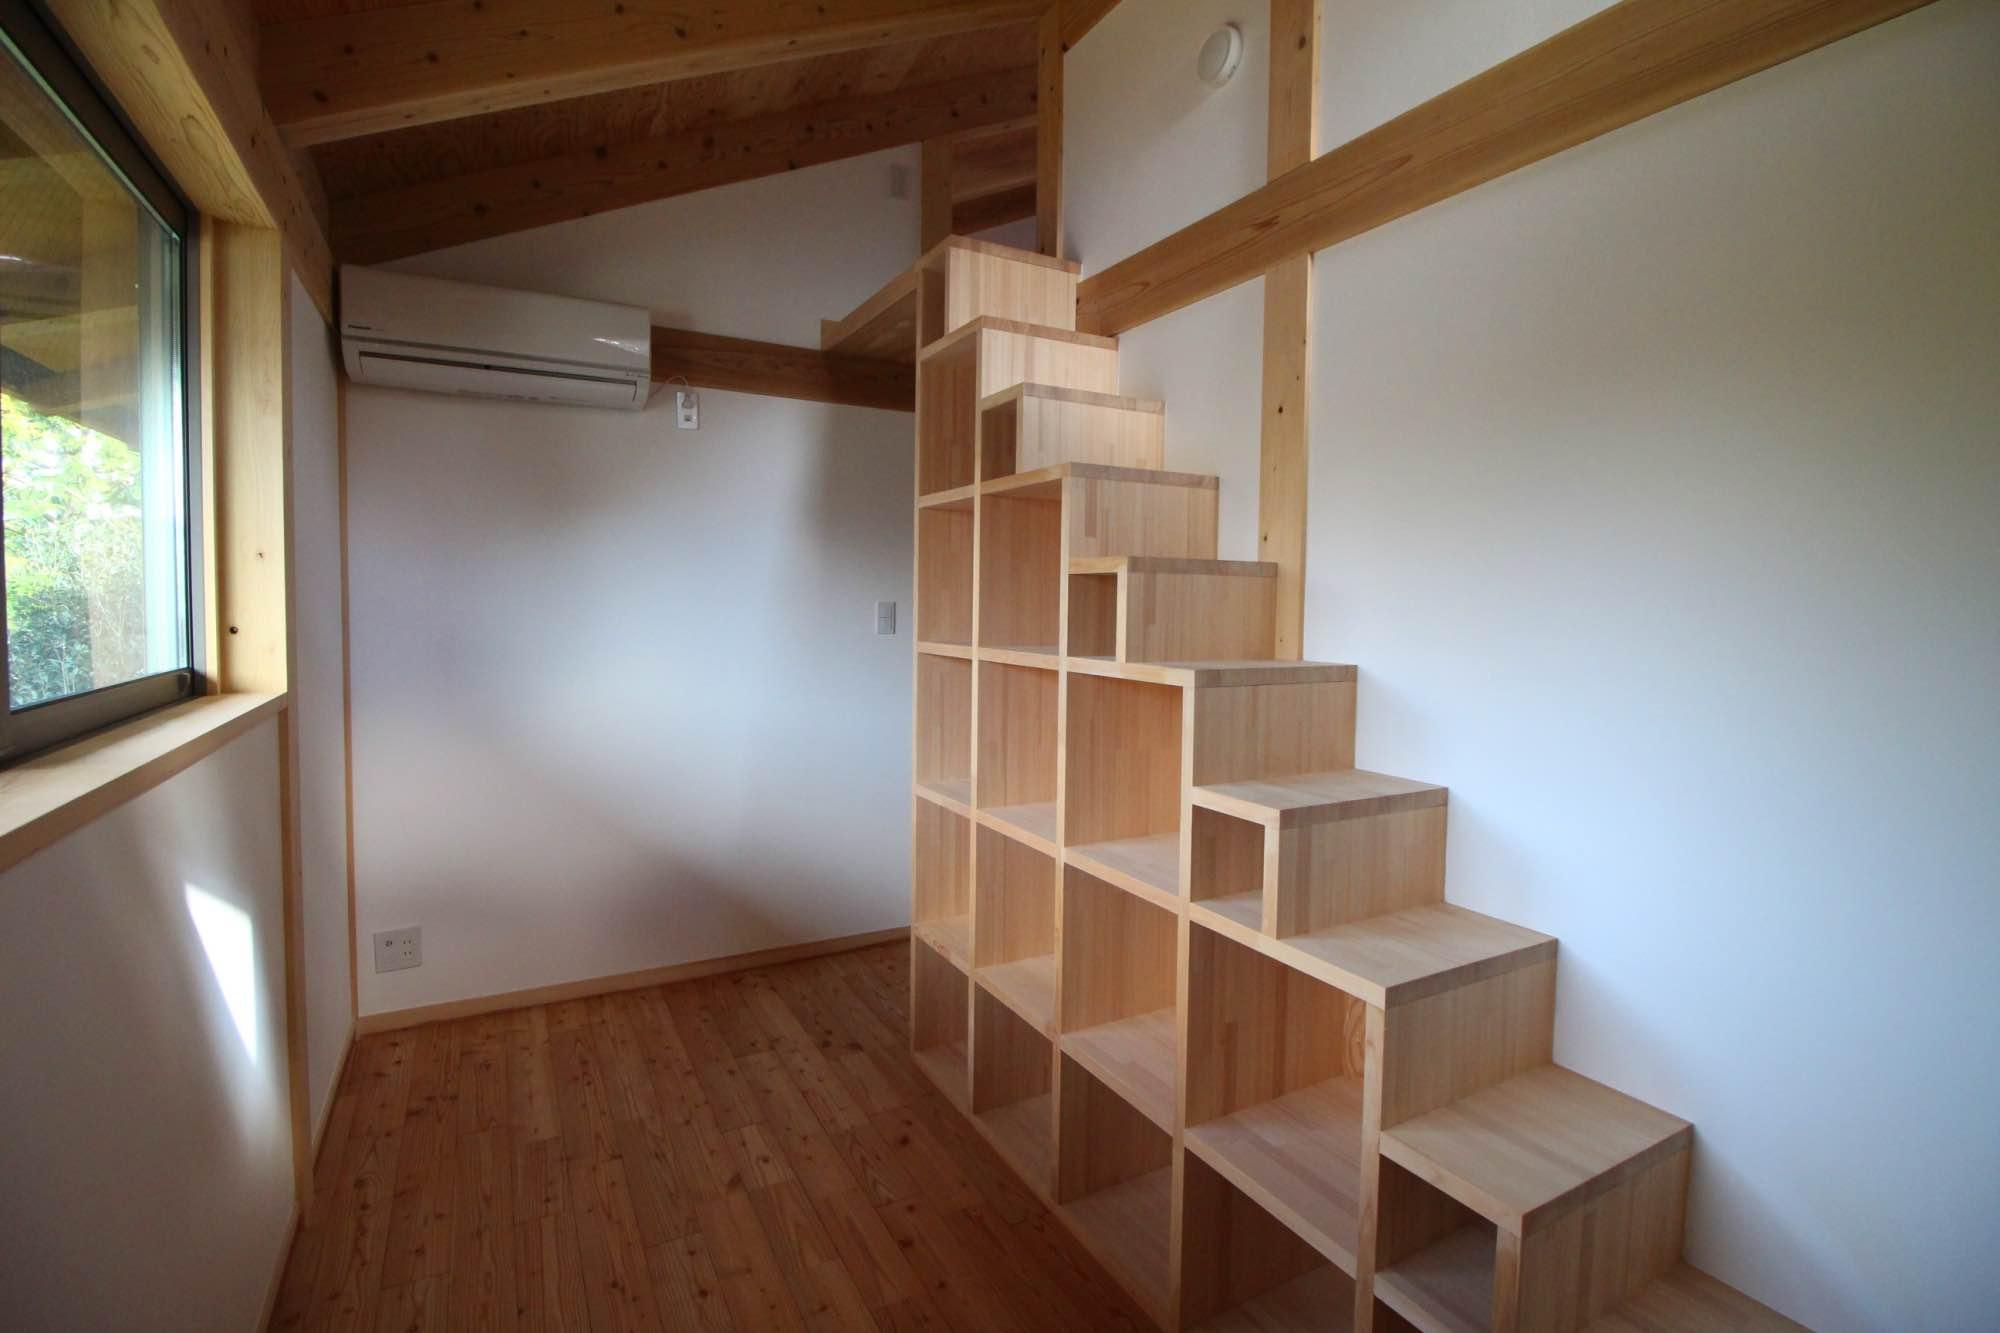 新築の2階のテイストはこのような形。